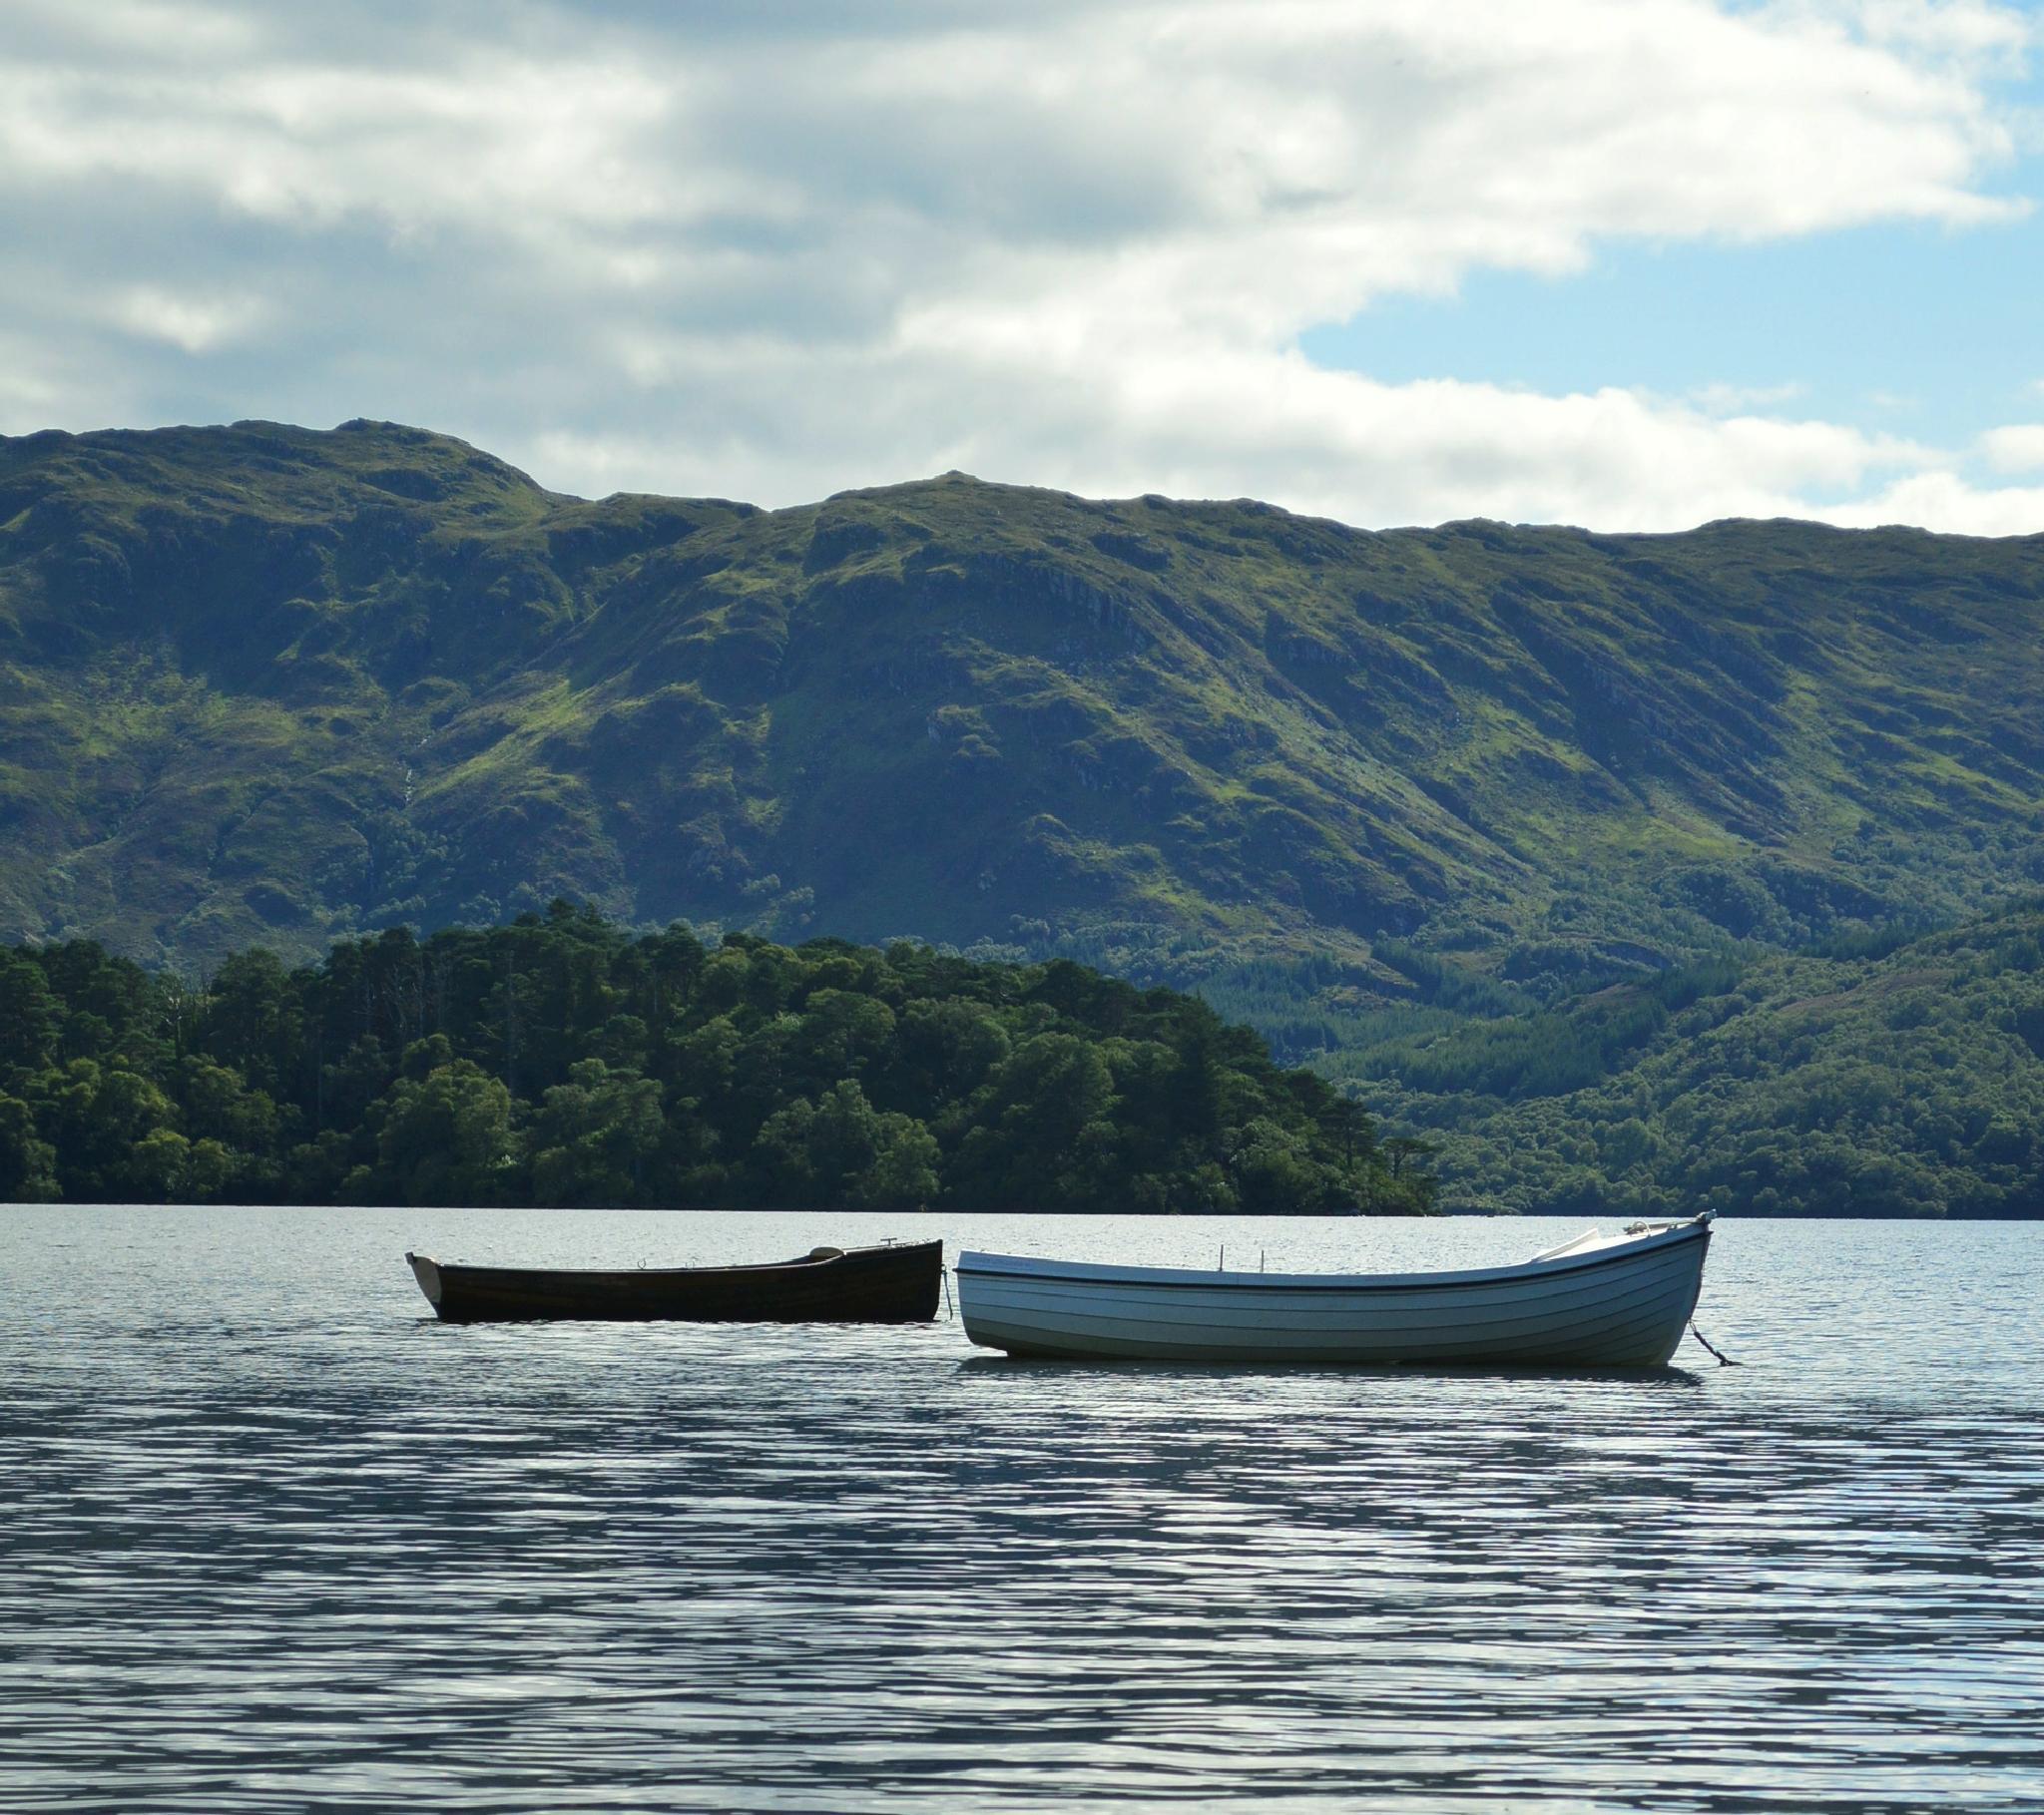 Loch Morar by andrewwalker14